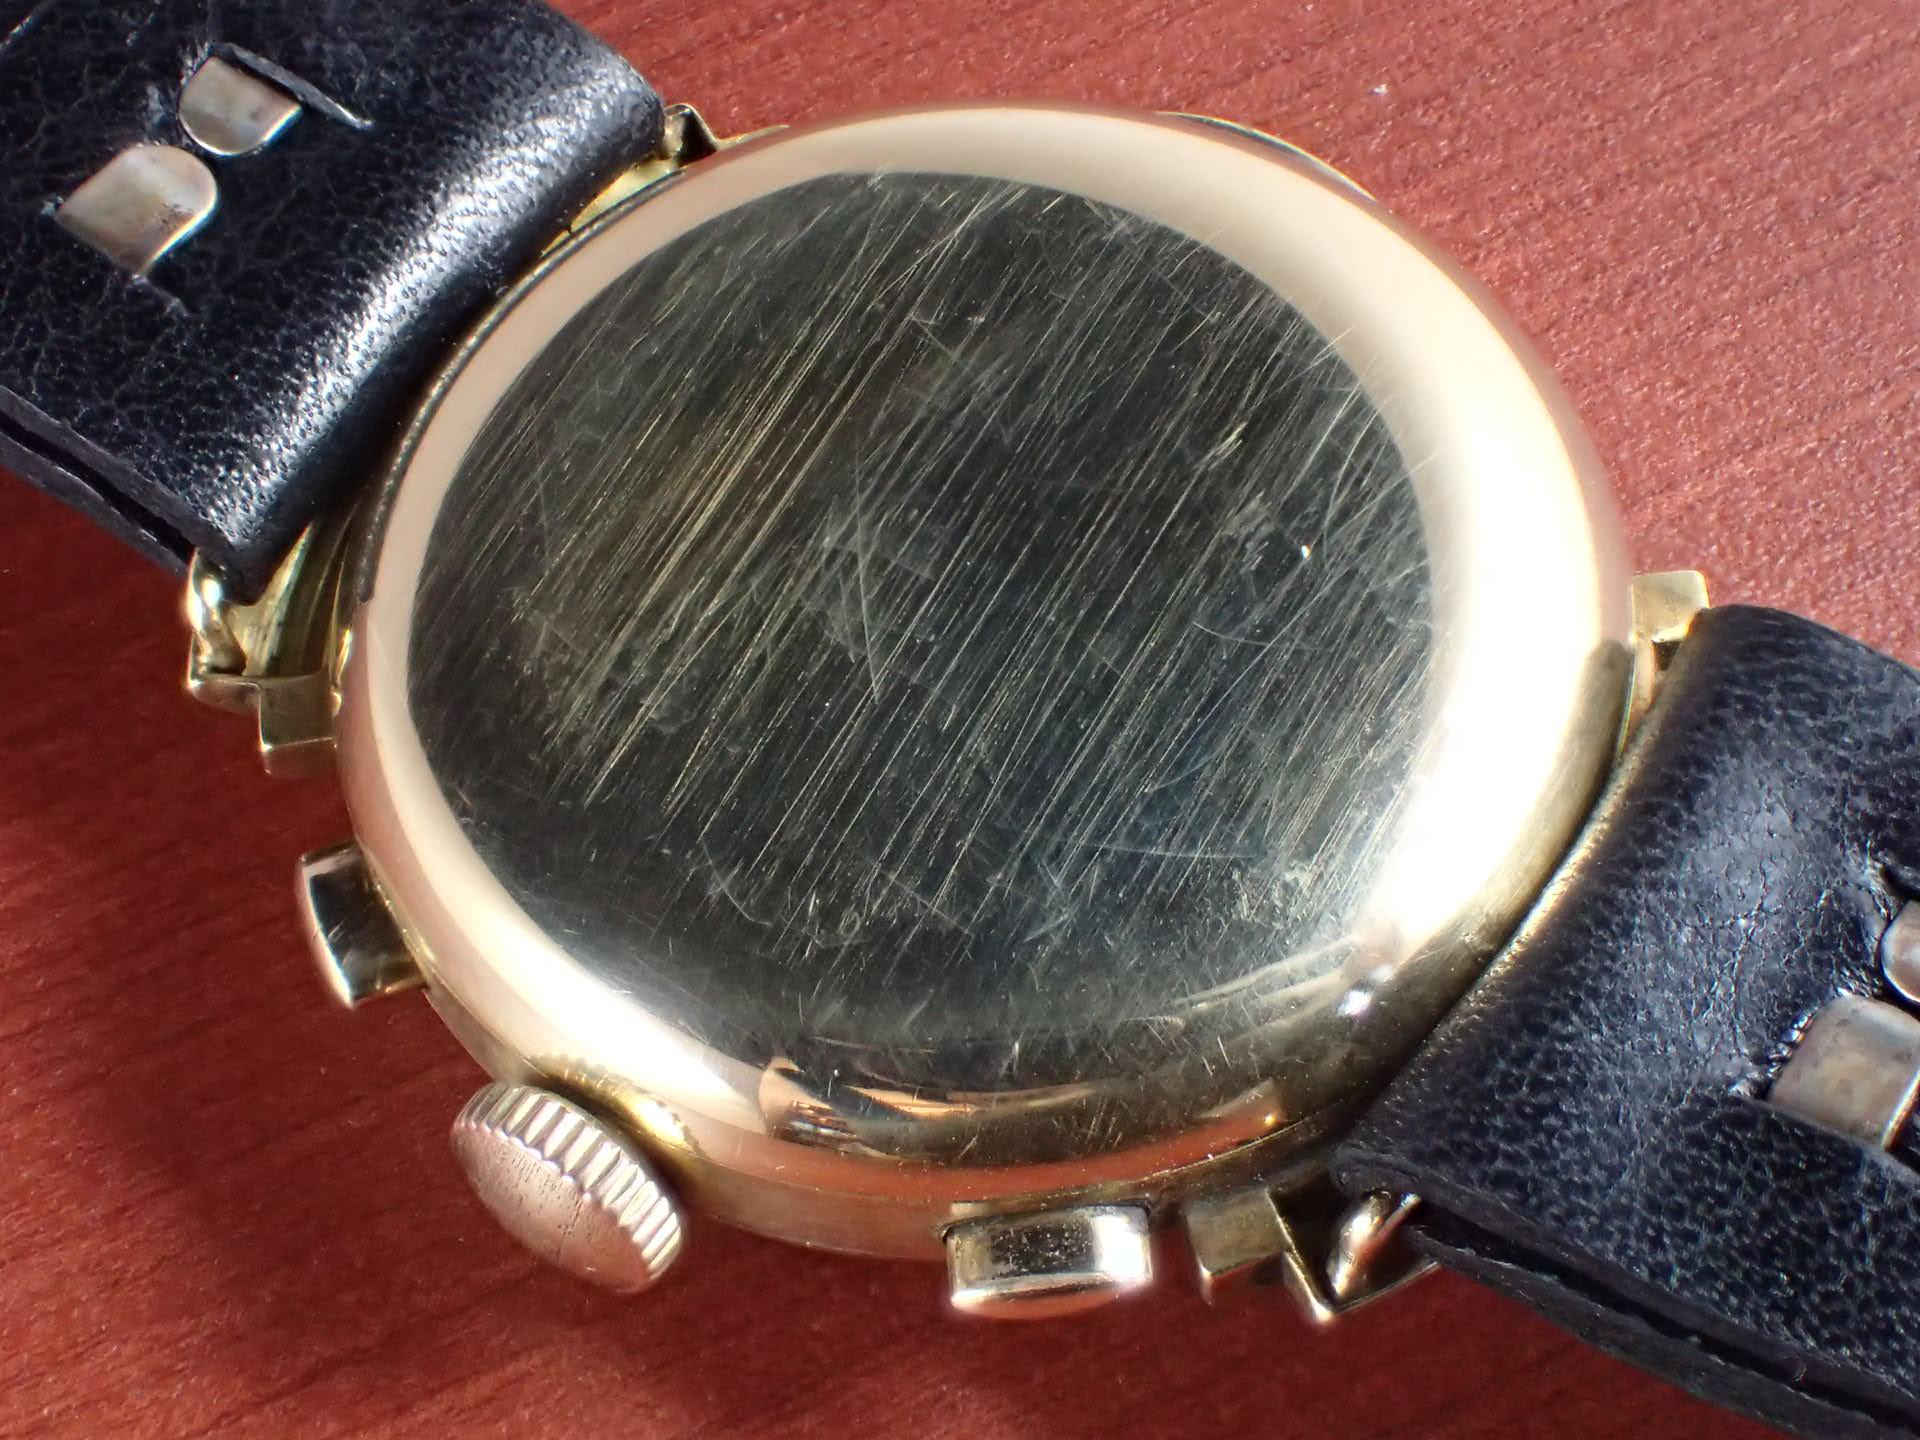 無銘 18KYG クロノグラフ ブラック/グレー フーデッドラグ 1930年代の写真4枚目